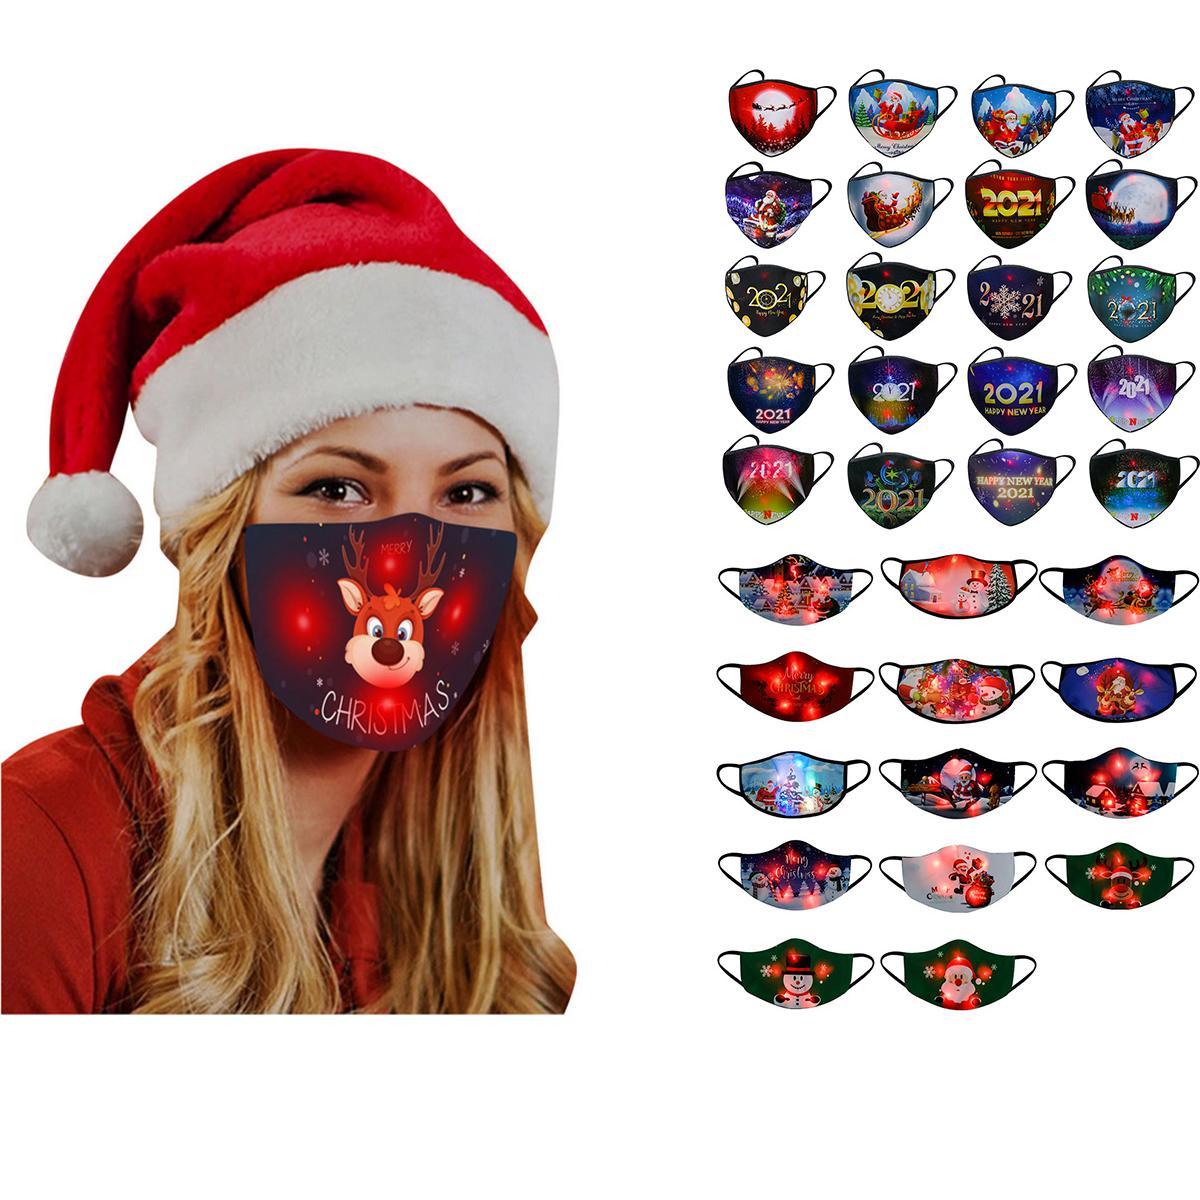 قناع عيد الميلاد مضيئة سانتا كلوز الأيائل حزب الكرتون الطباعة أدى مضيئة مضيئة قناع مصمم أقنعة الوجه W-00495